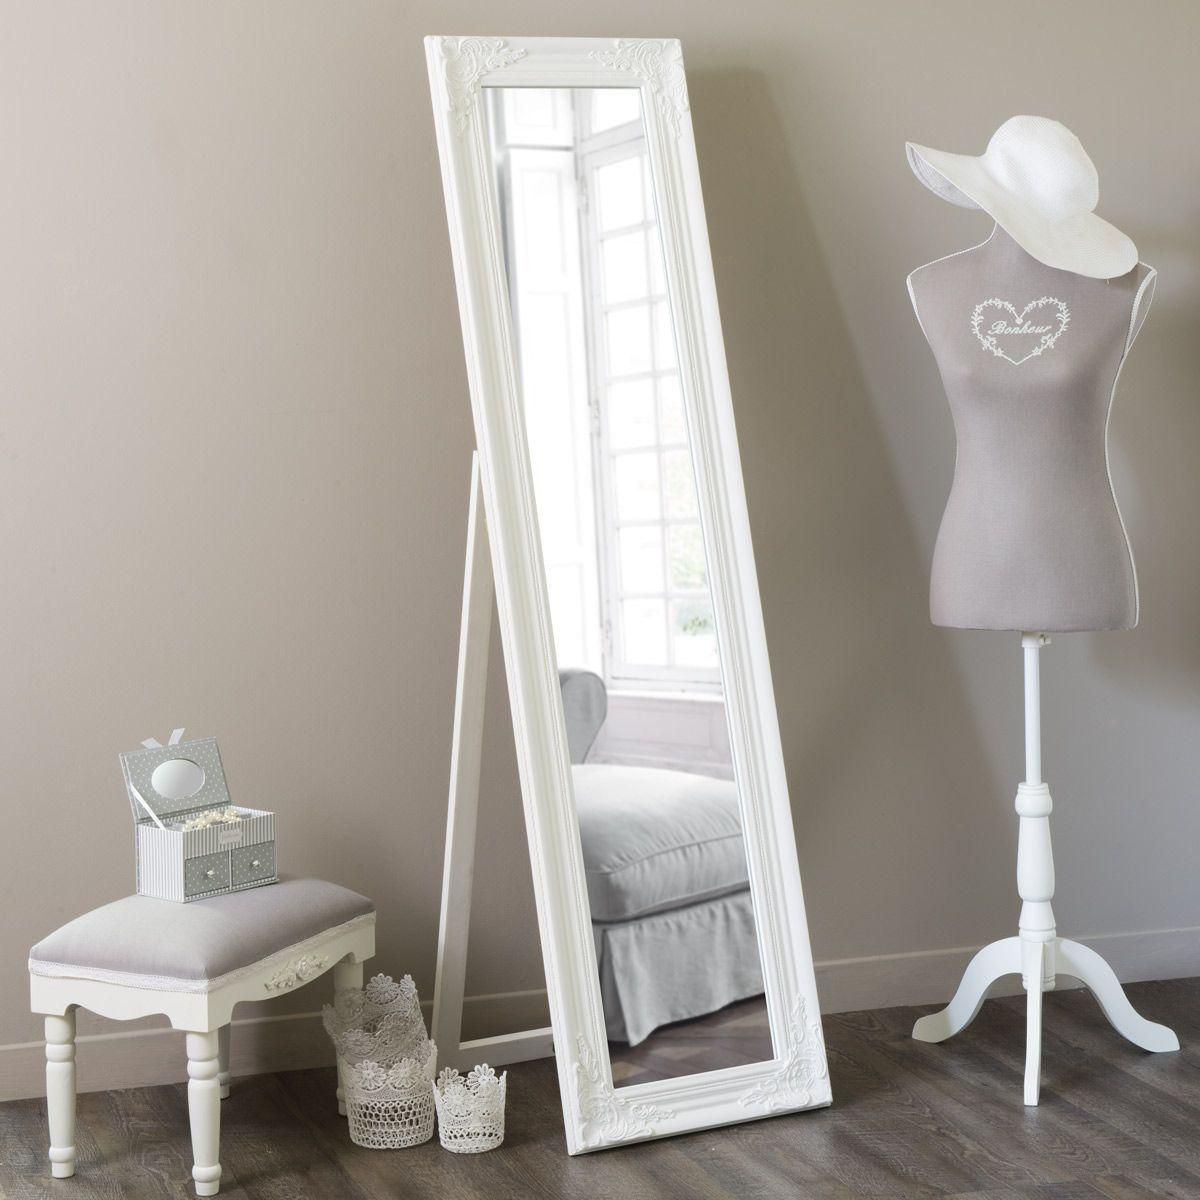 Miroir psyché blanc H 164 cm | Espejo de pie, Madera blanca y Espejo